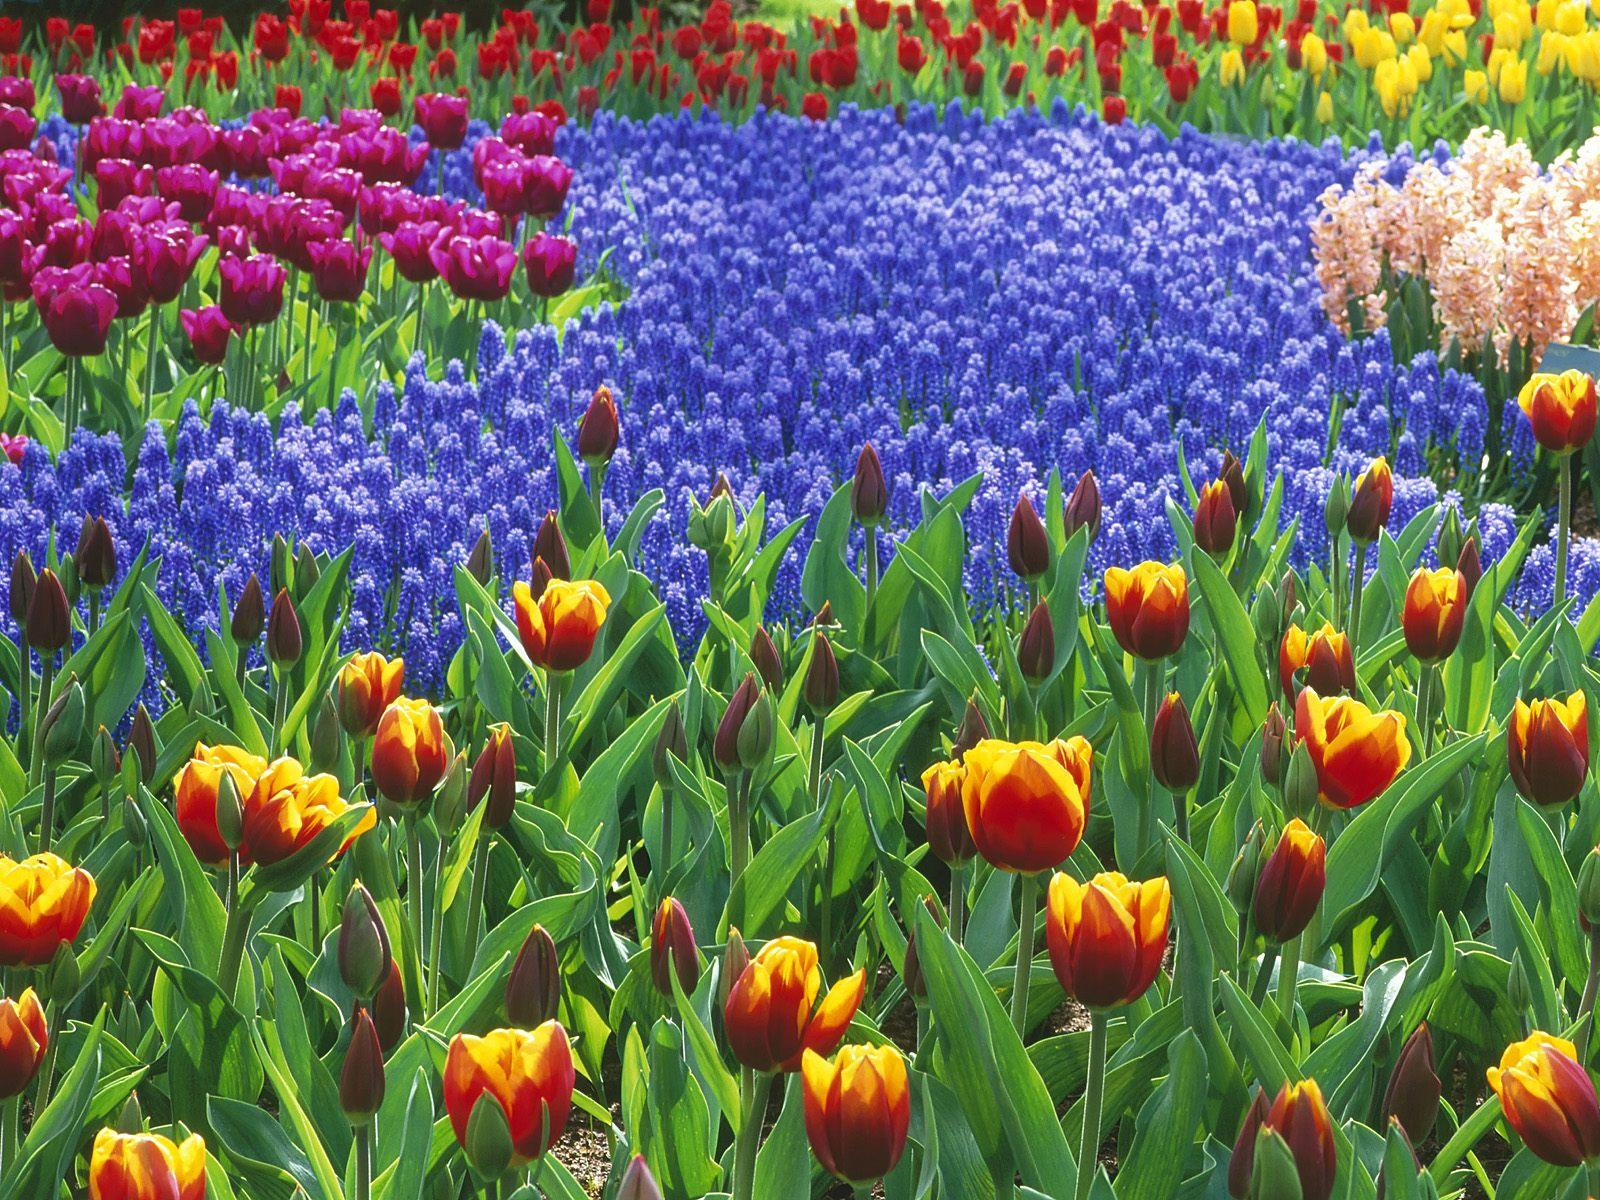 http://4.bp.blogspot.com/_fYn8ChSBXuw/TK90CSWZhXI/AAAAAAAABeM/fSbC2sqvuOY/s1600/Flower%20Garden%204.jpg